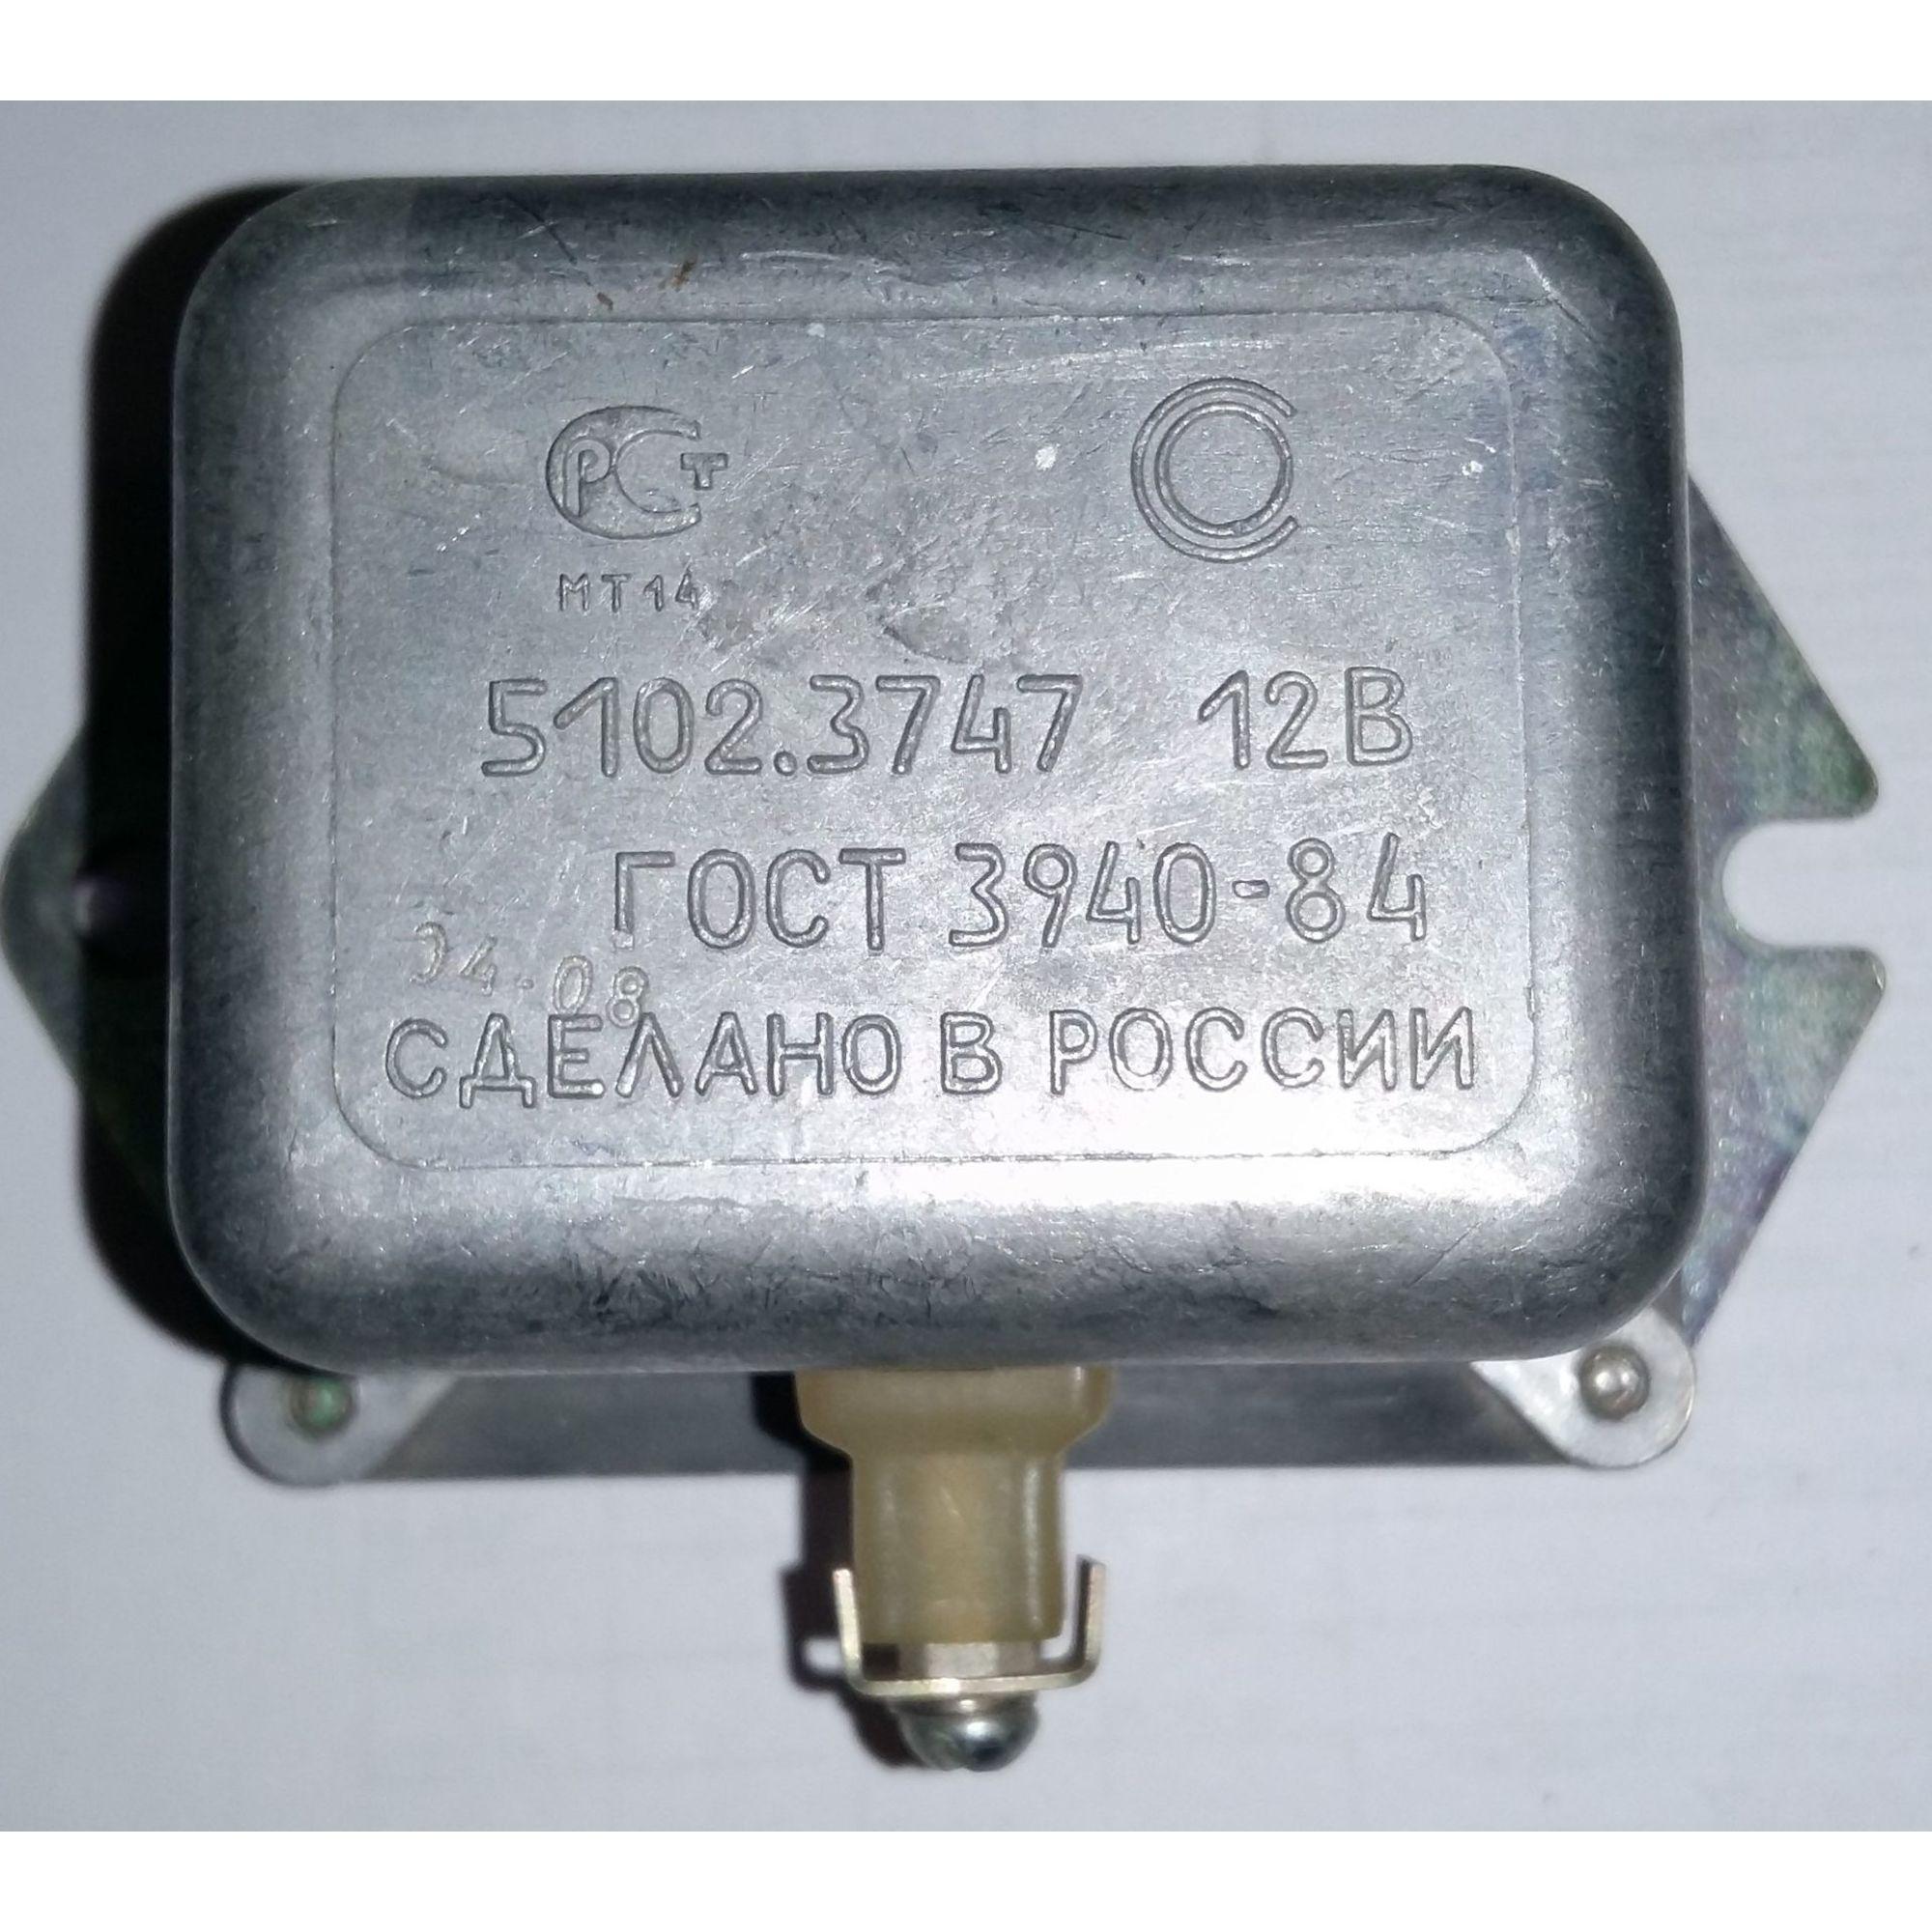 Аварийный вибратор УАЗ 5102.3747000